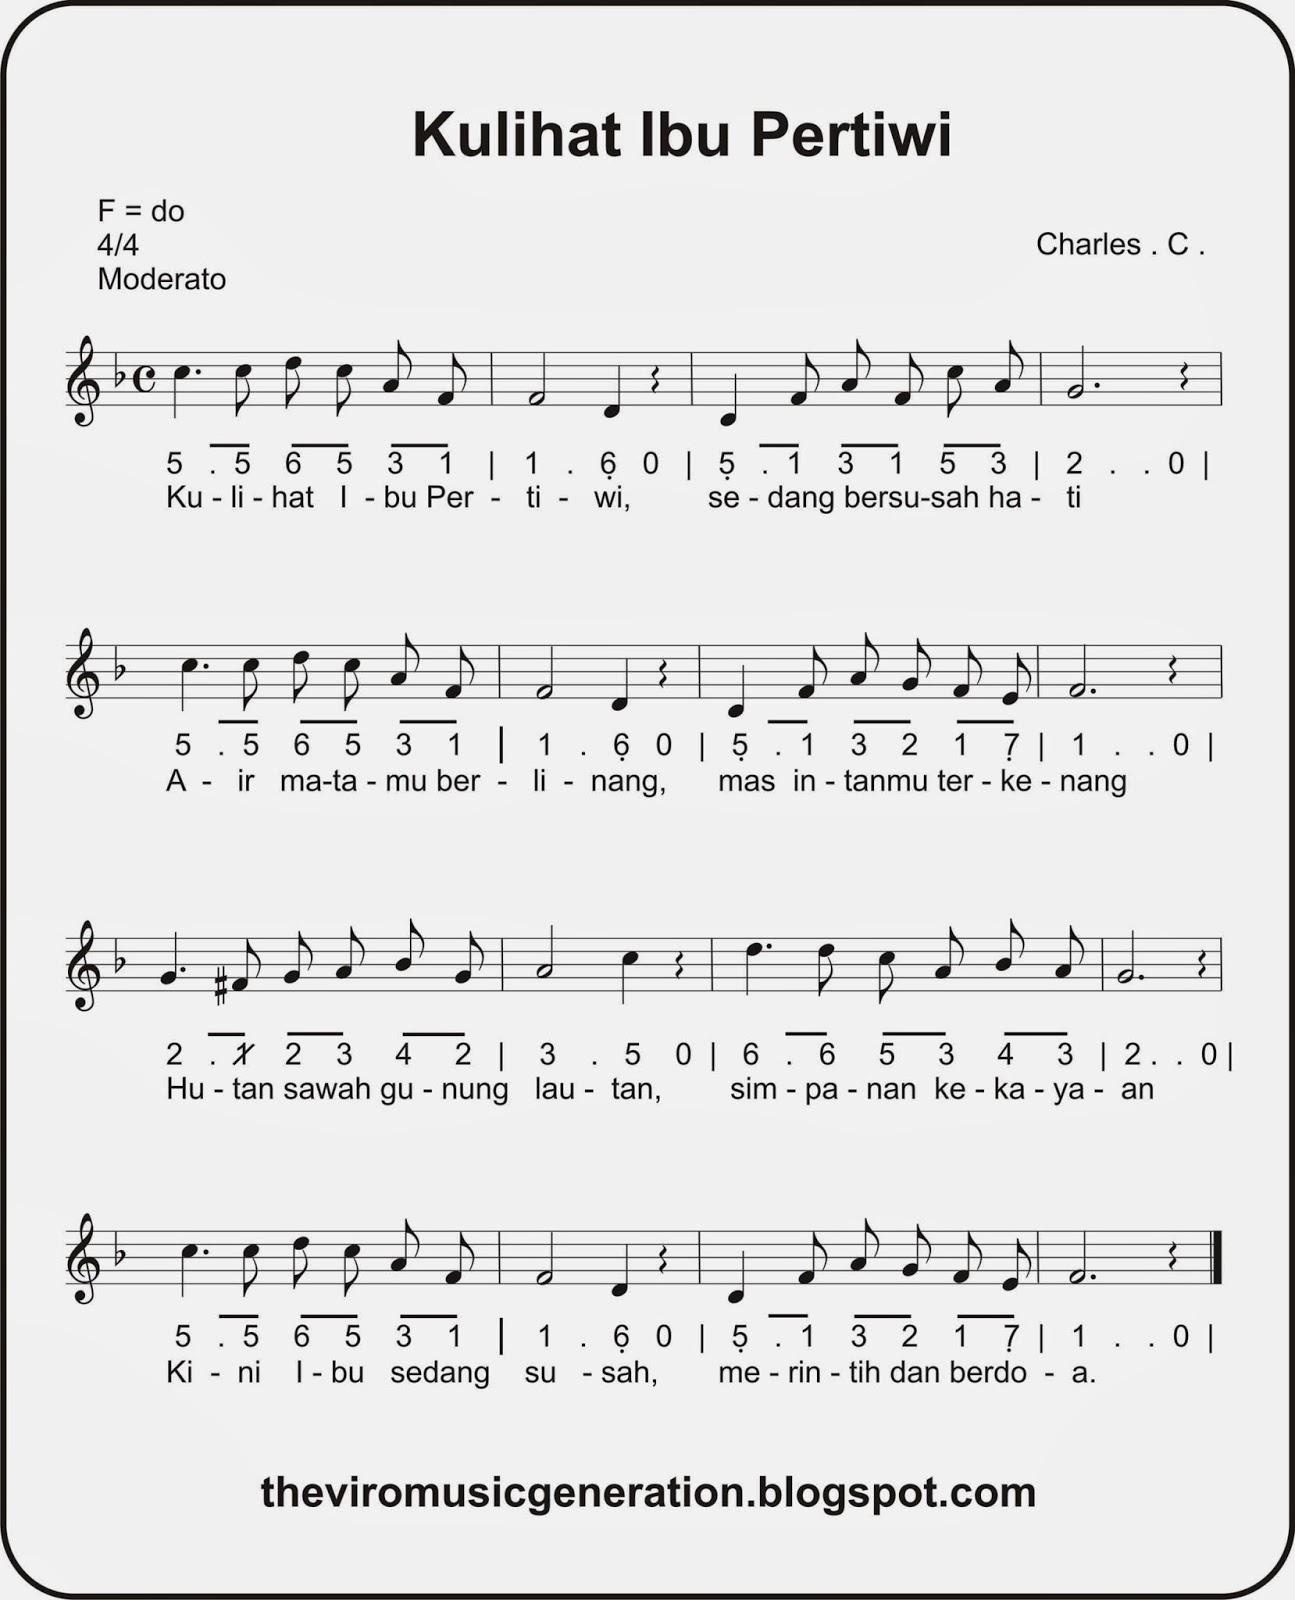 the viro: notasi lagu kulihat ibu pertiwi